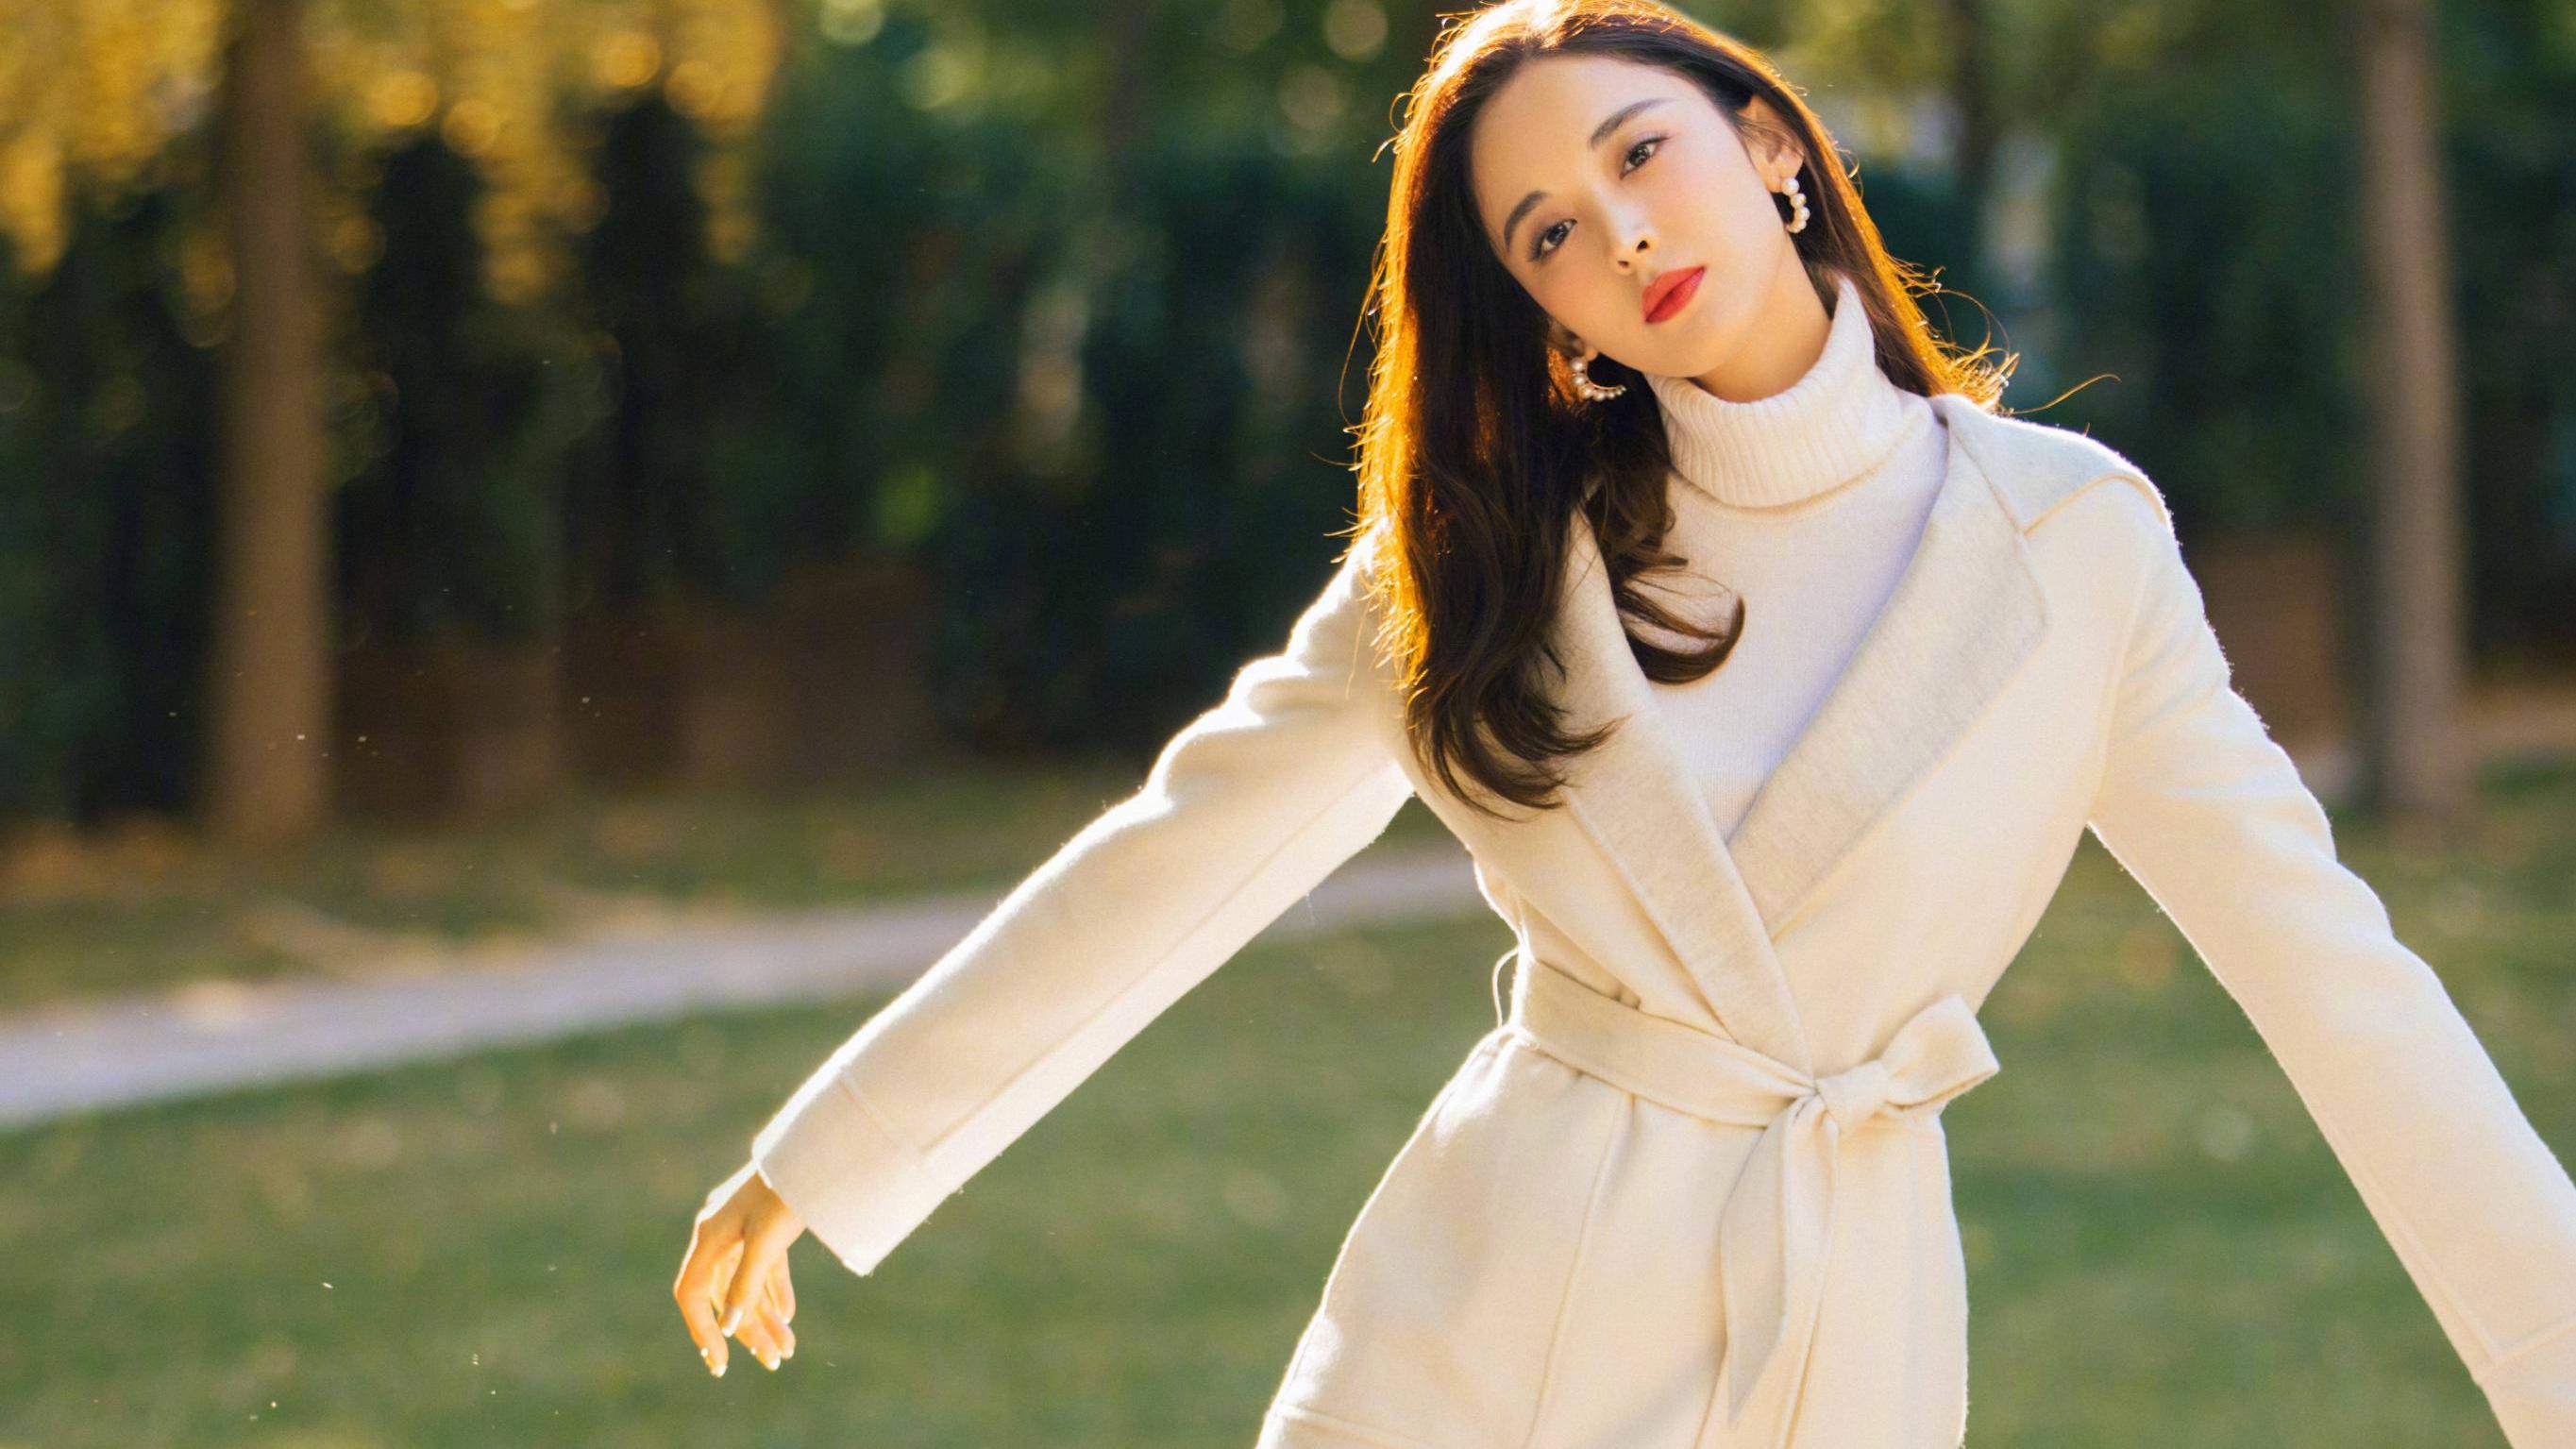 古力娜扎身材太好了,浅棕色长款羊绒大衣,难挡她凹凸有致的身形